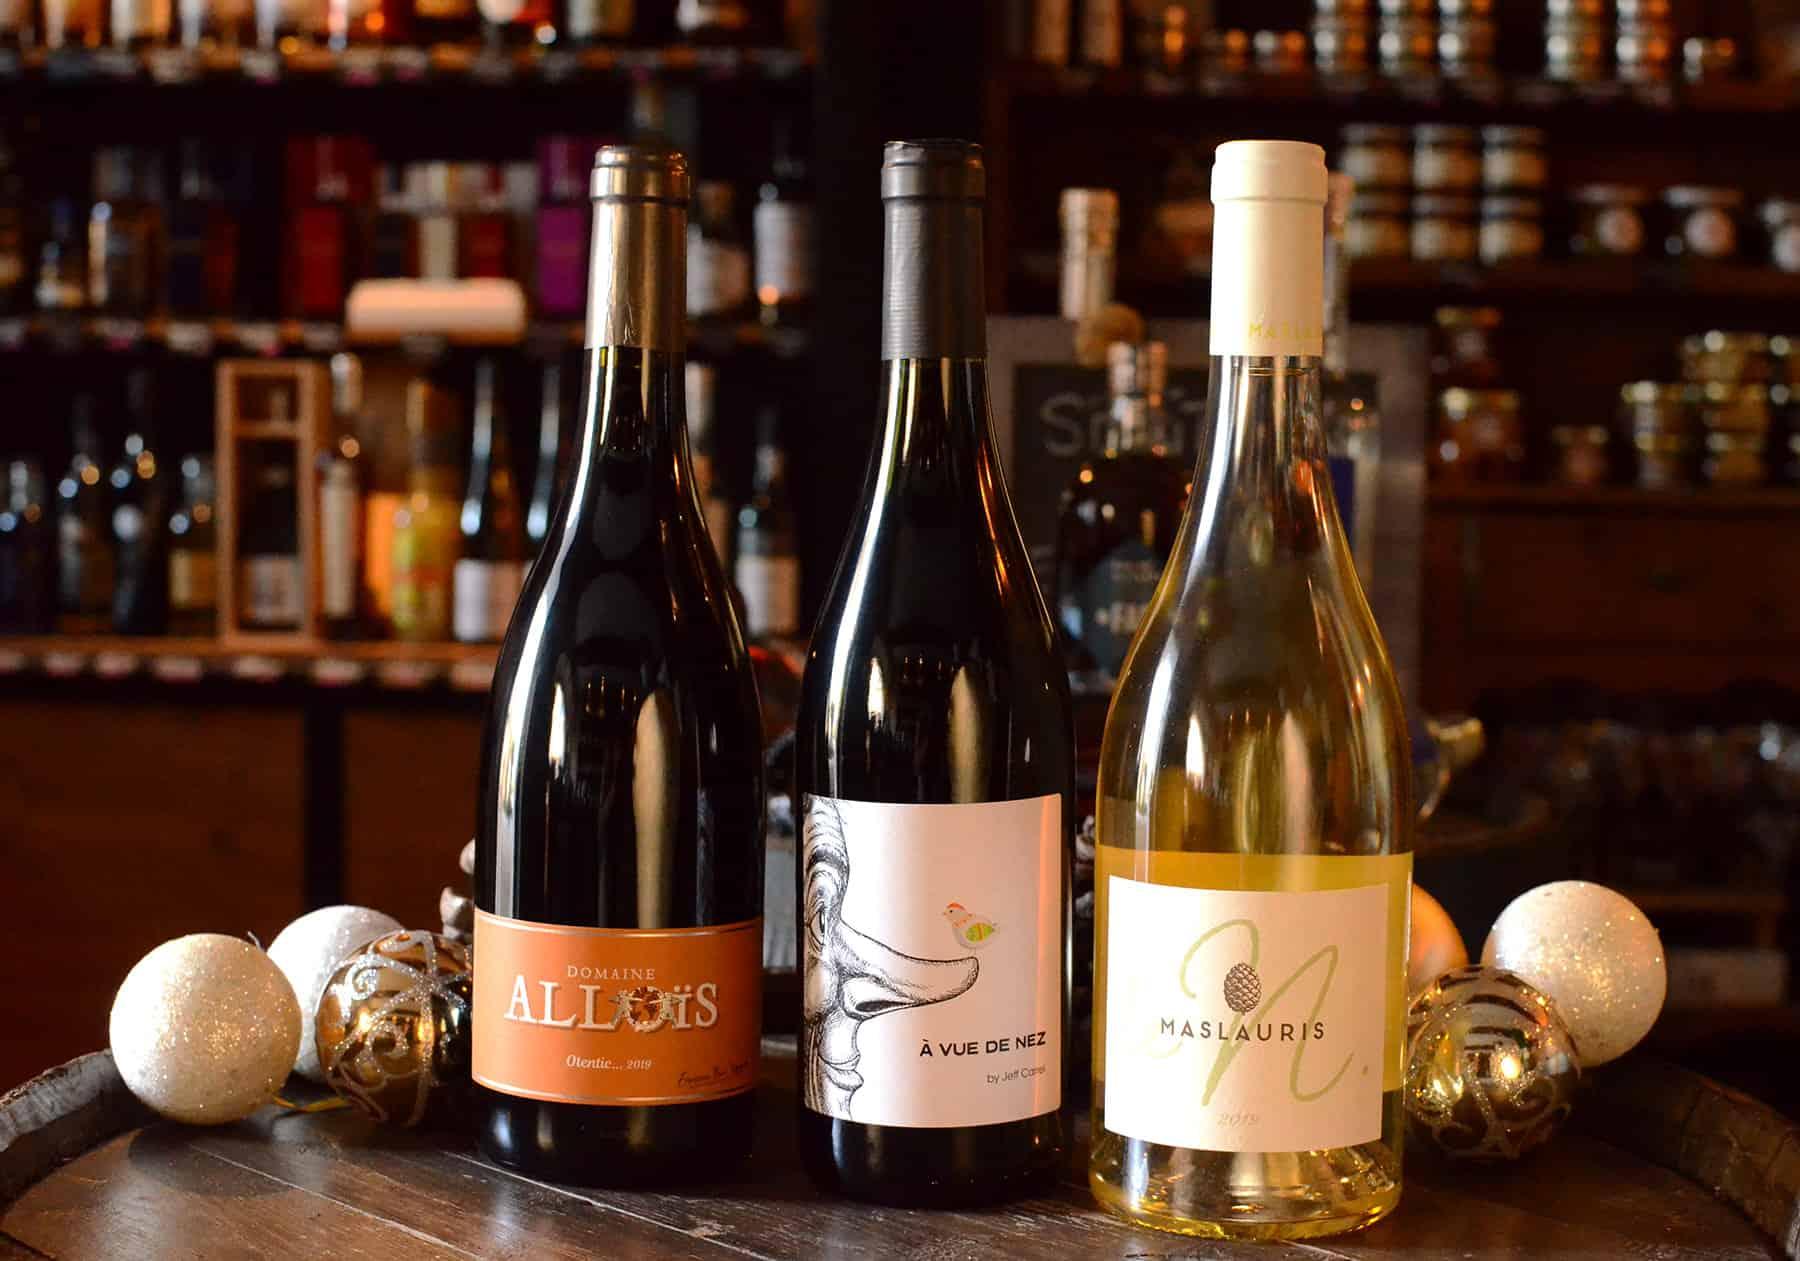 Pour les amateurs de vins Nature ou peux ceux qui souhaitent les découvrir